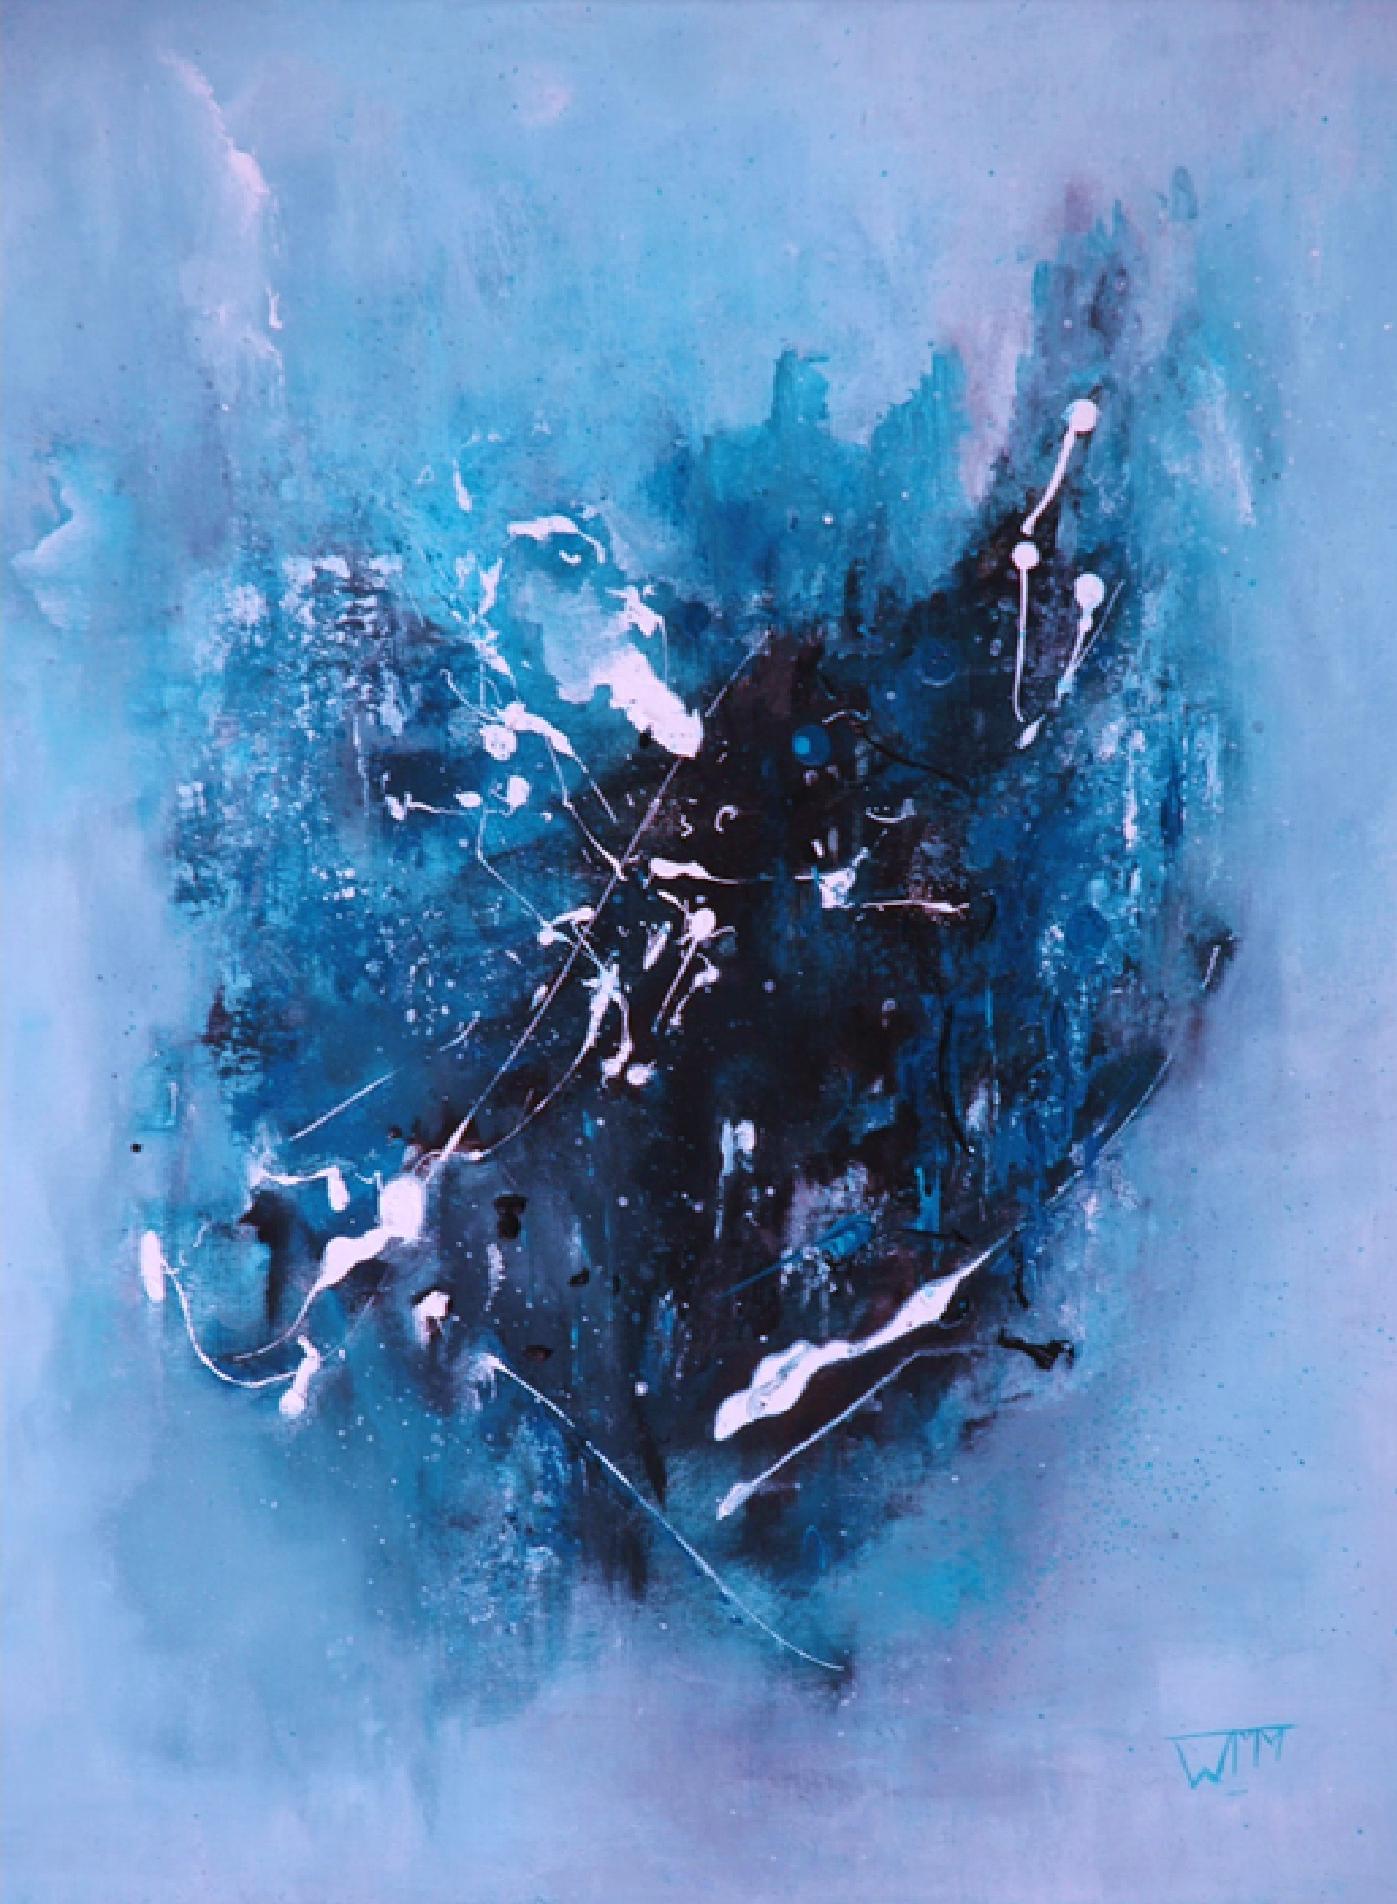 60 x 80cm, acryl op linnen, met gebruik van materialen (textuur), €285,-